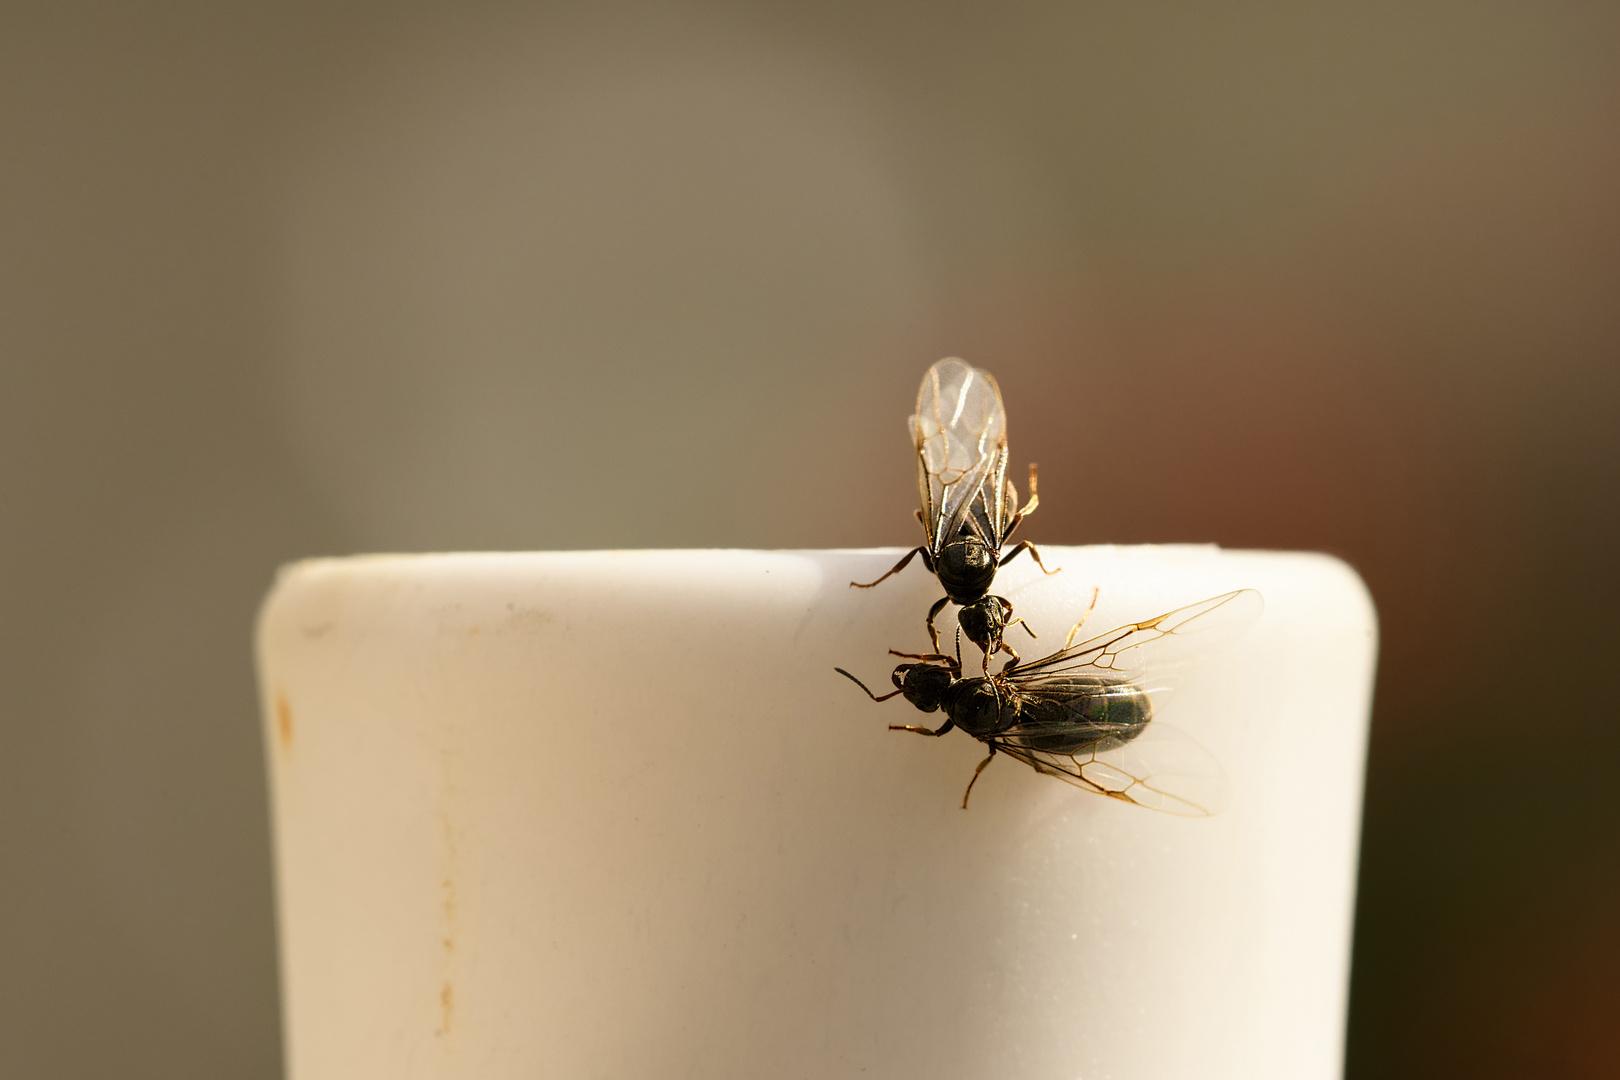 Ameisenköniginnen unter sich